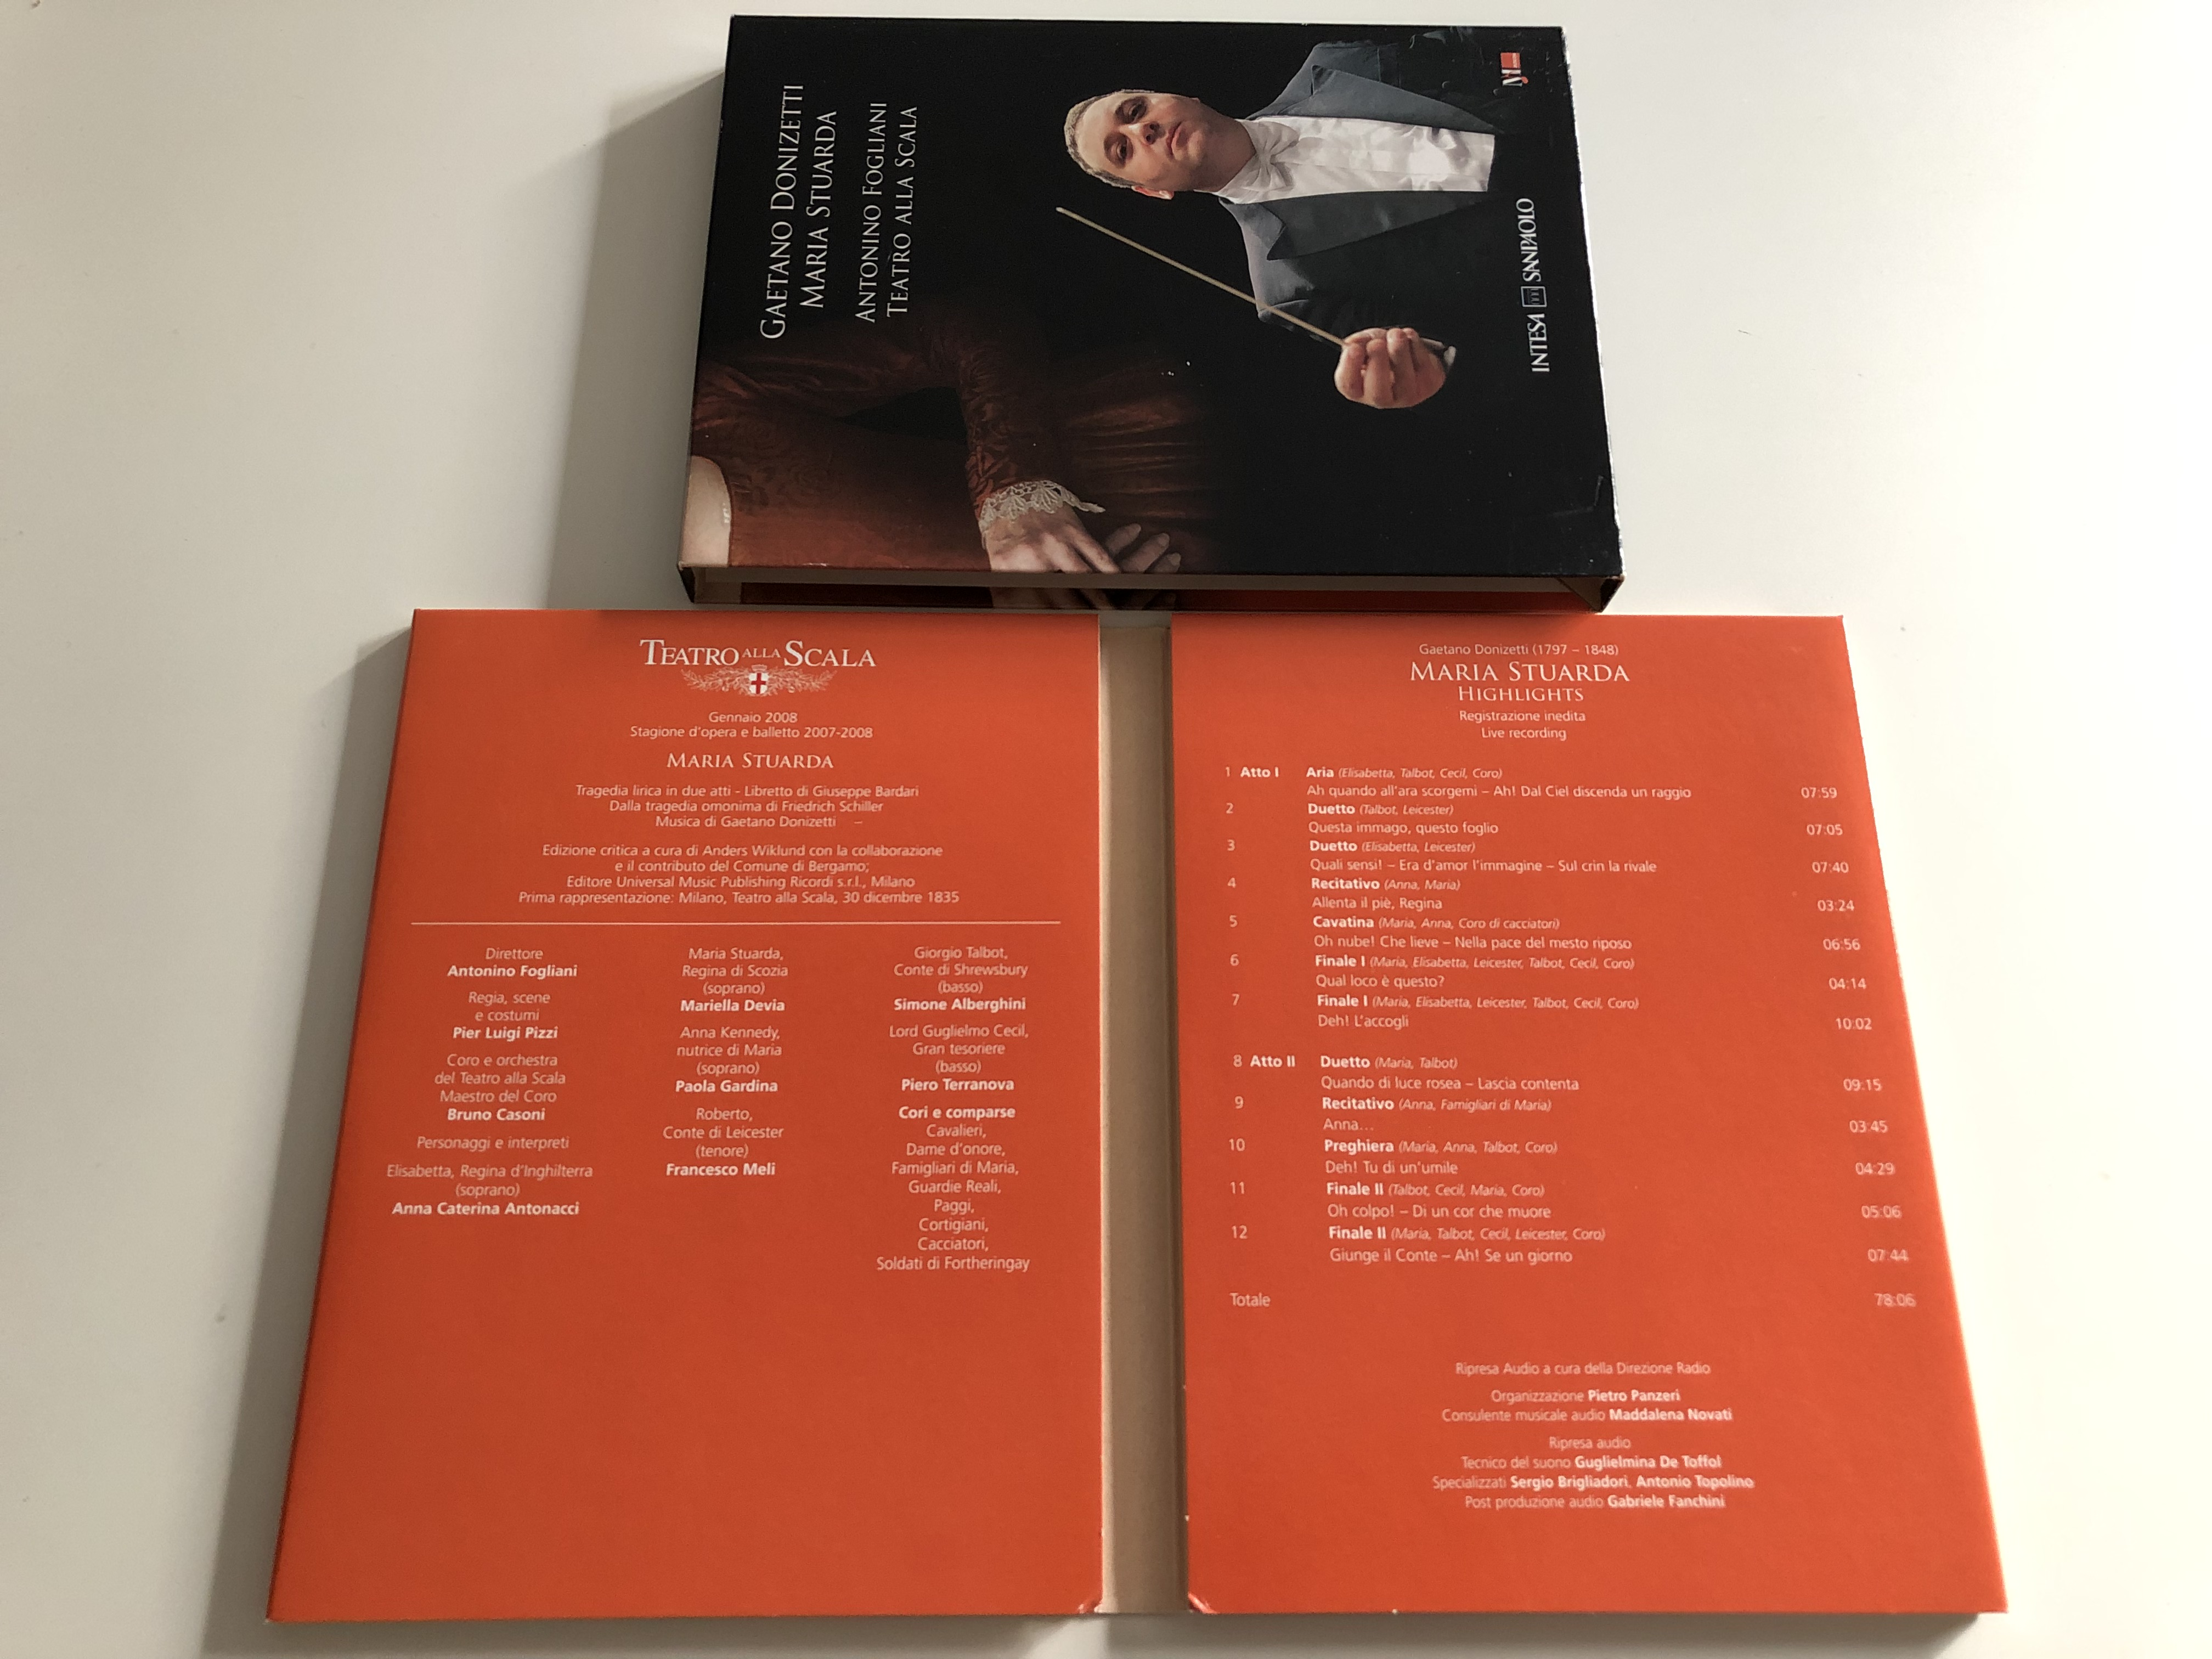 gaetano-donizetti-maria-stuarda-highlights-dvd-cd-conducted-by-antonio-fogliani-teatro-alla-scala-live-recording-vox-imago-4-.jpg